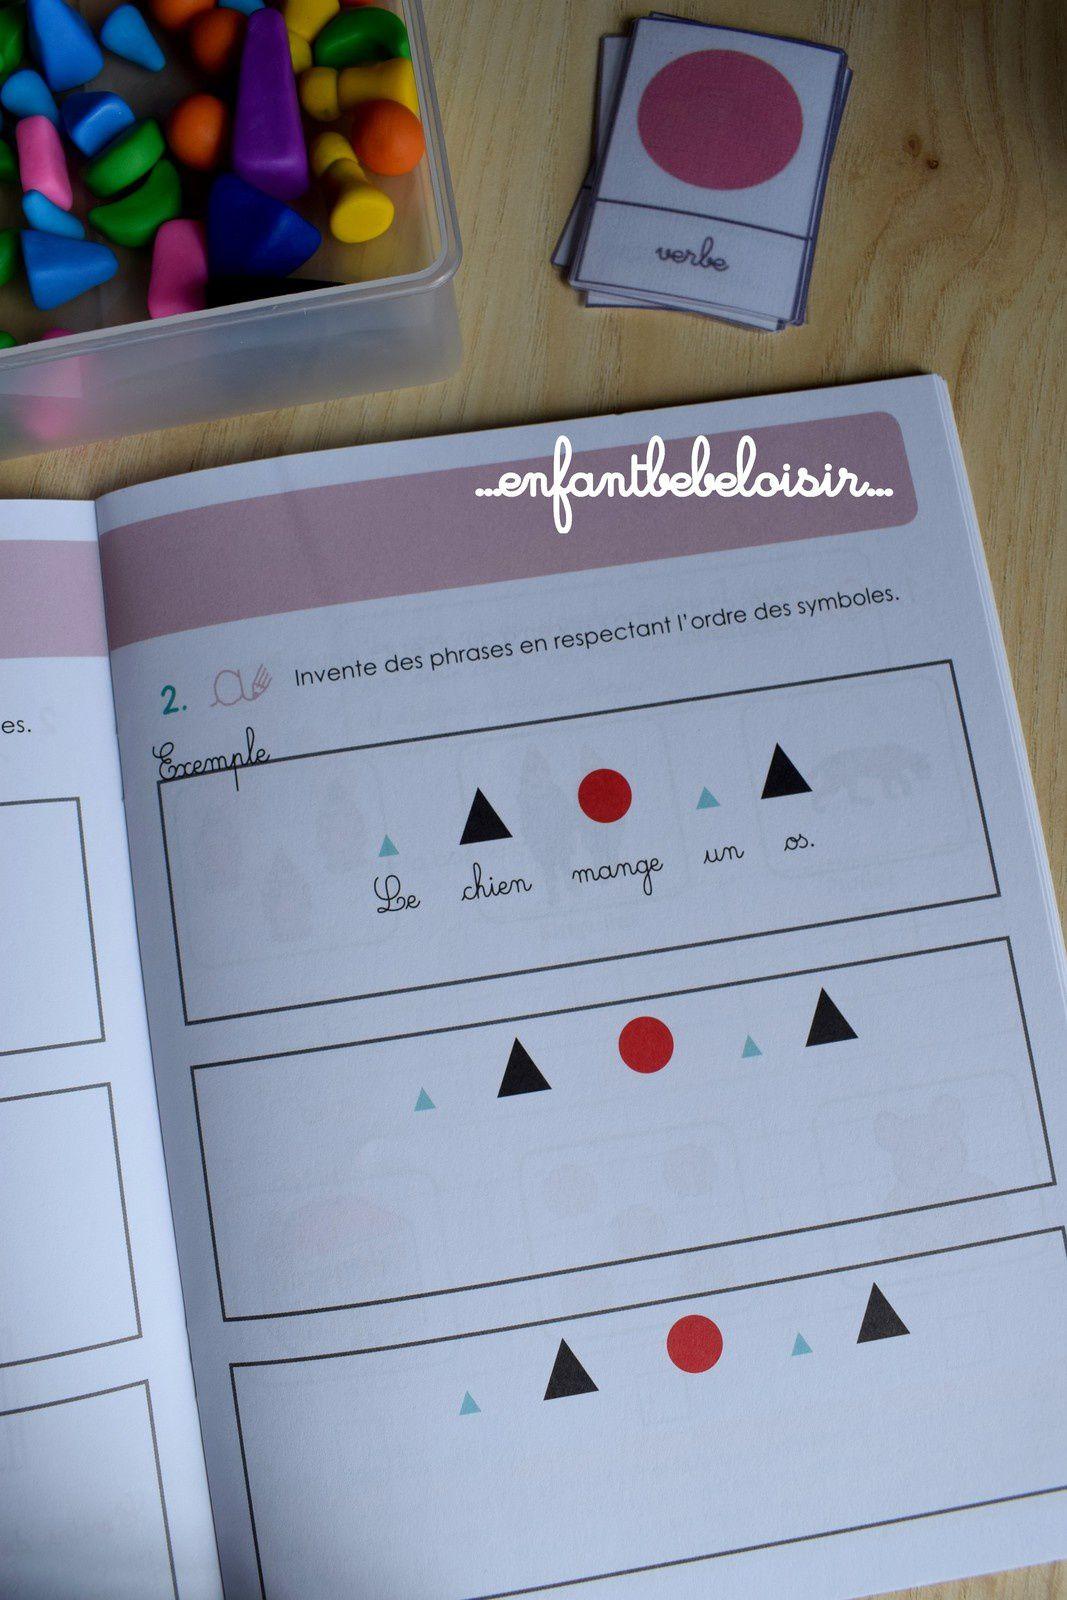 Grammaire Montessori - Le verbe - Leçon #1